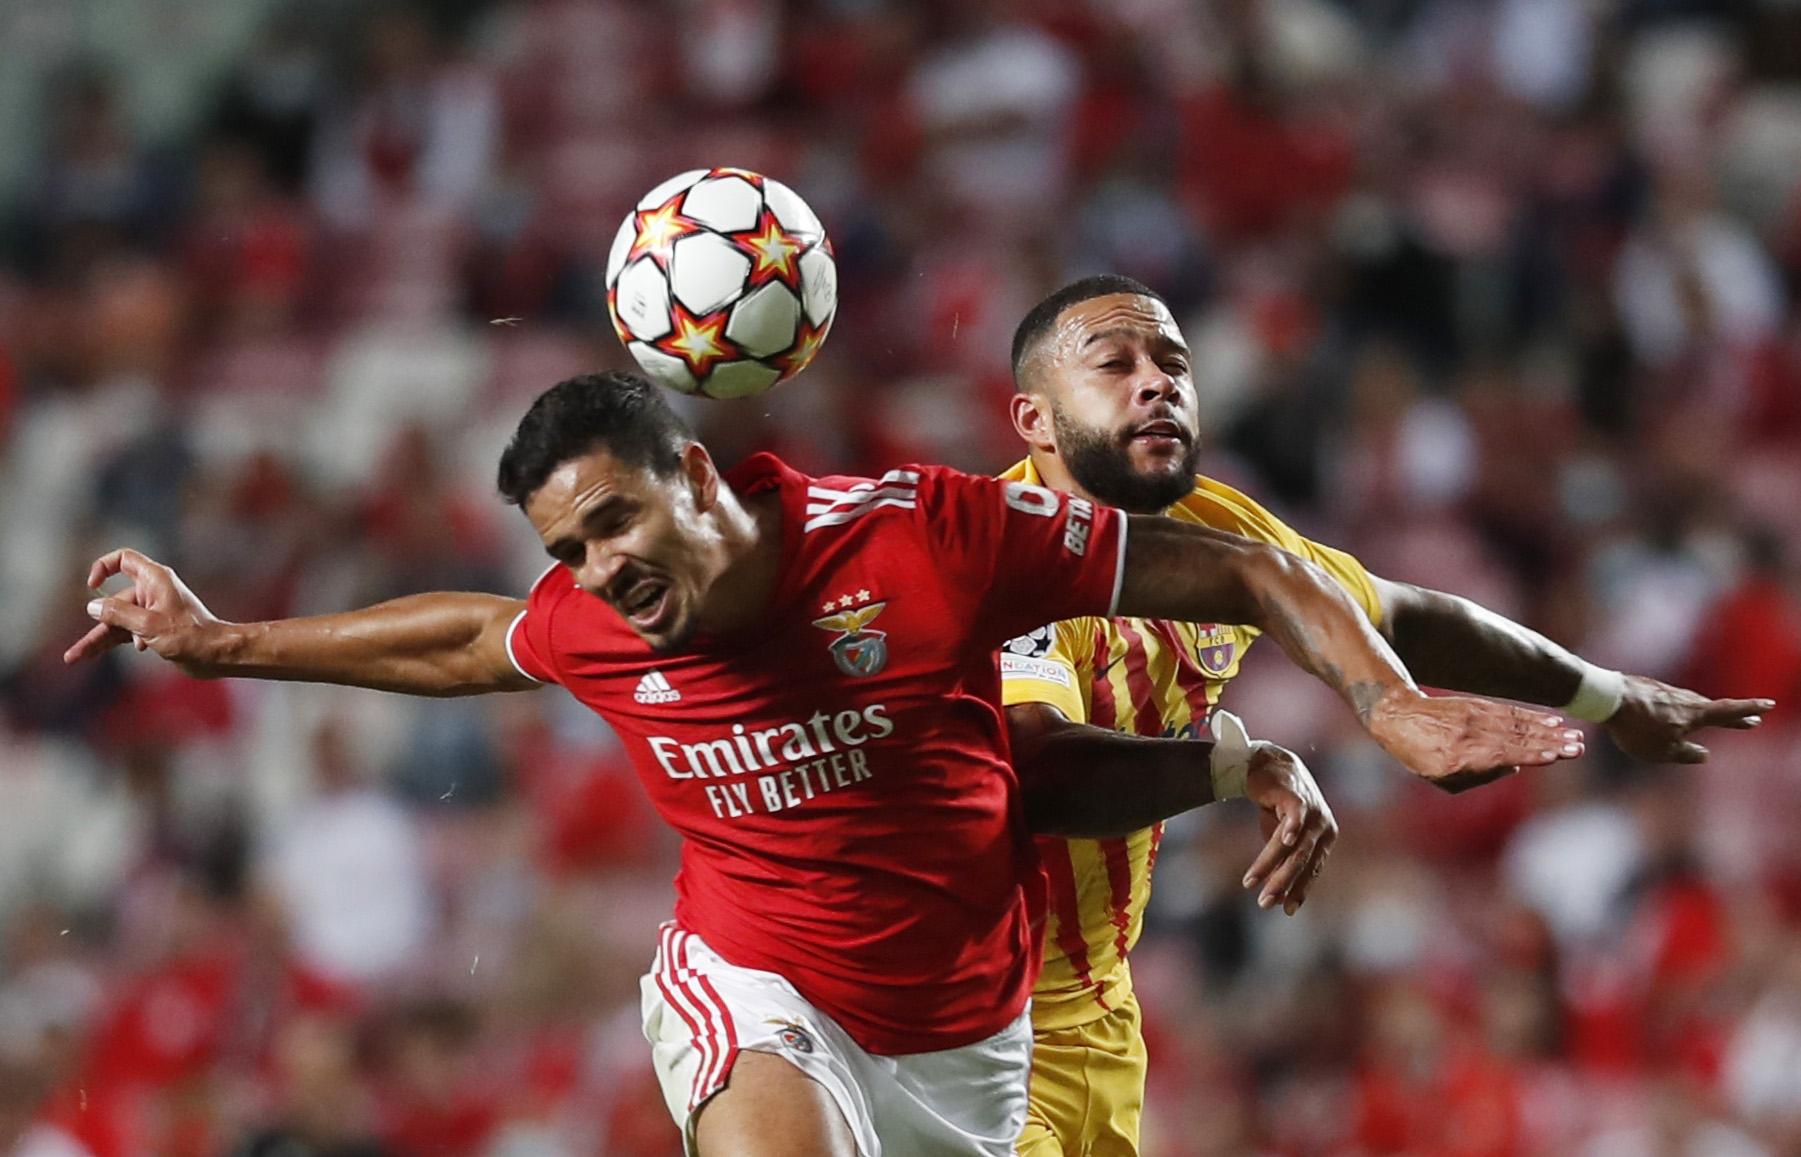 Champions League ΤΕΛΙΚΑ: «Σφαλιάρα» για Μπαρτσελόνα από Μπενφίκα – Νίκη για Γιουνάιτεντ με «σφραγίδα» Κριστιάνο Ρονάλντο